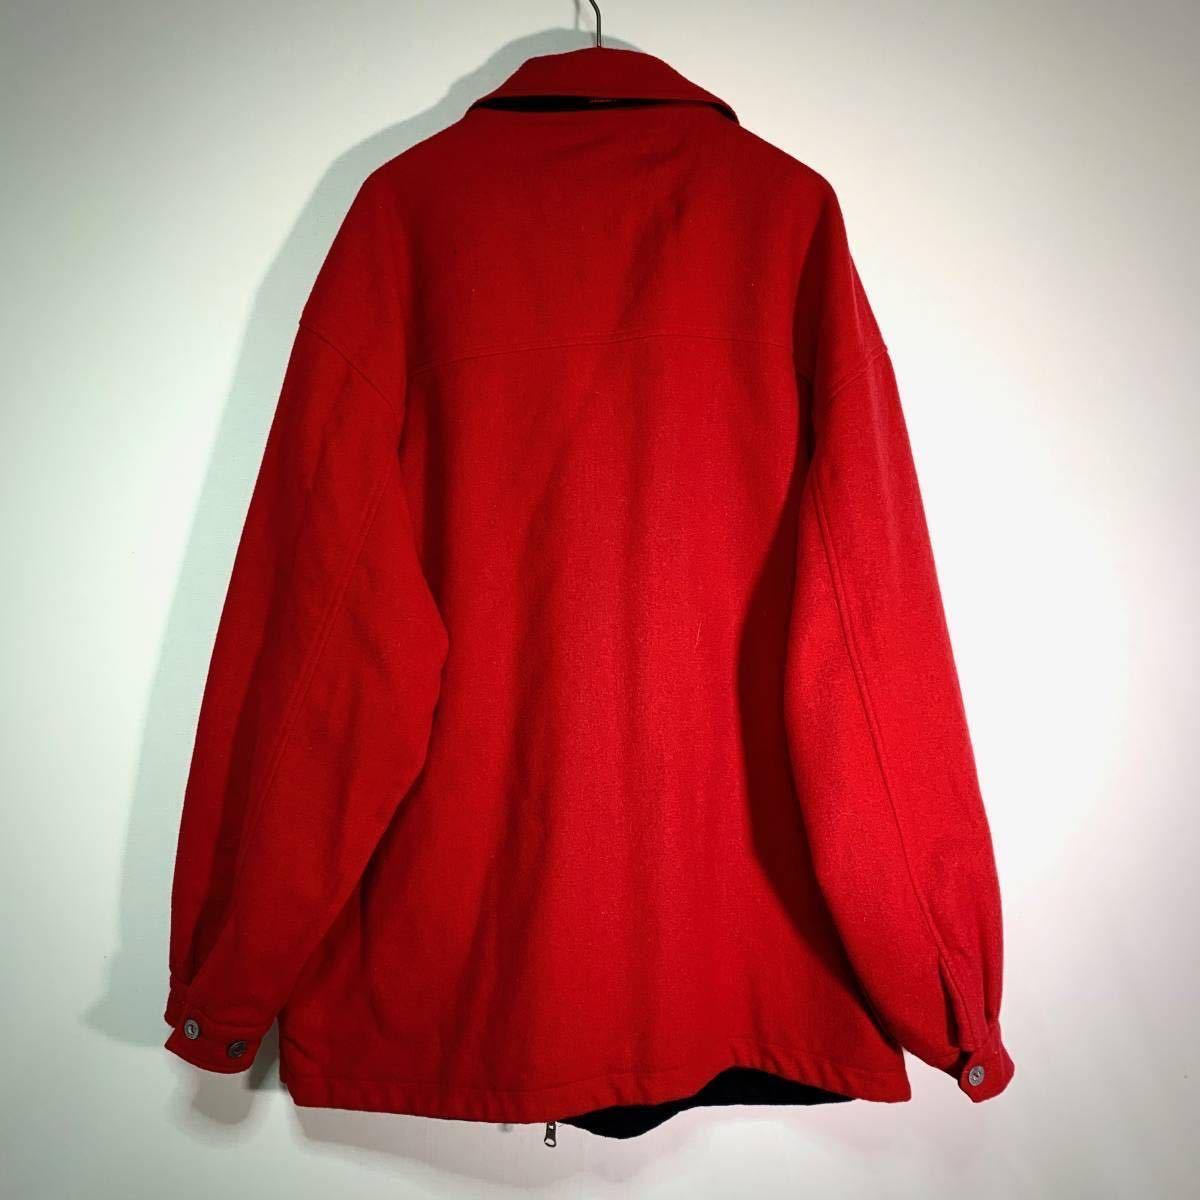 【送料込】90s Marlboro リバーシブル ウール ジャケット XL 黒×赤 ビッグシルエット ジップ マルボロ 80s ビンテージ 古着 オールド_画像8